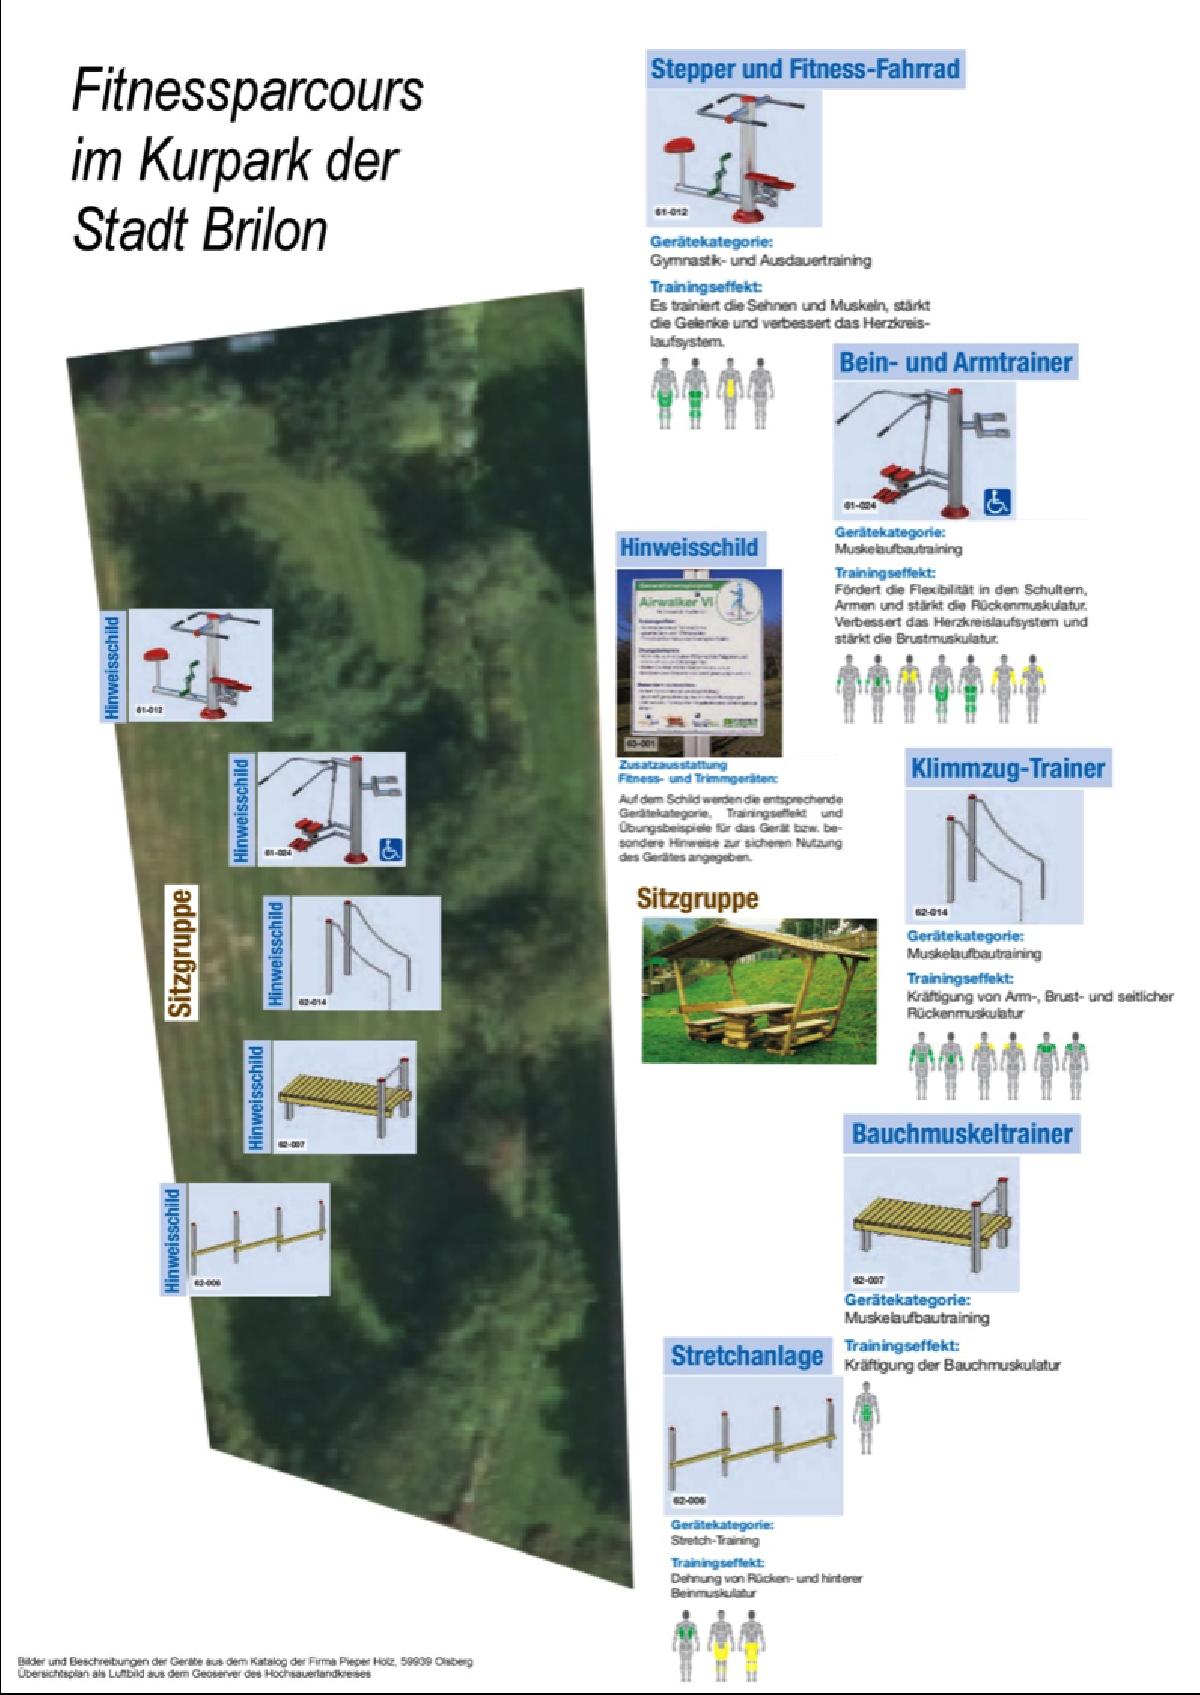 Fitnessparcours im Kurpark der Stadt Brilon